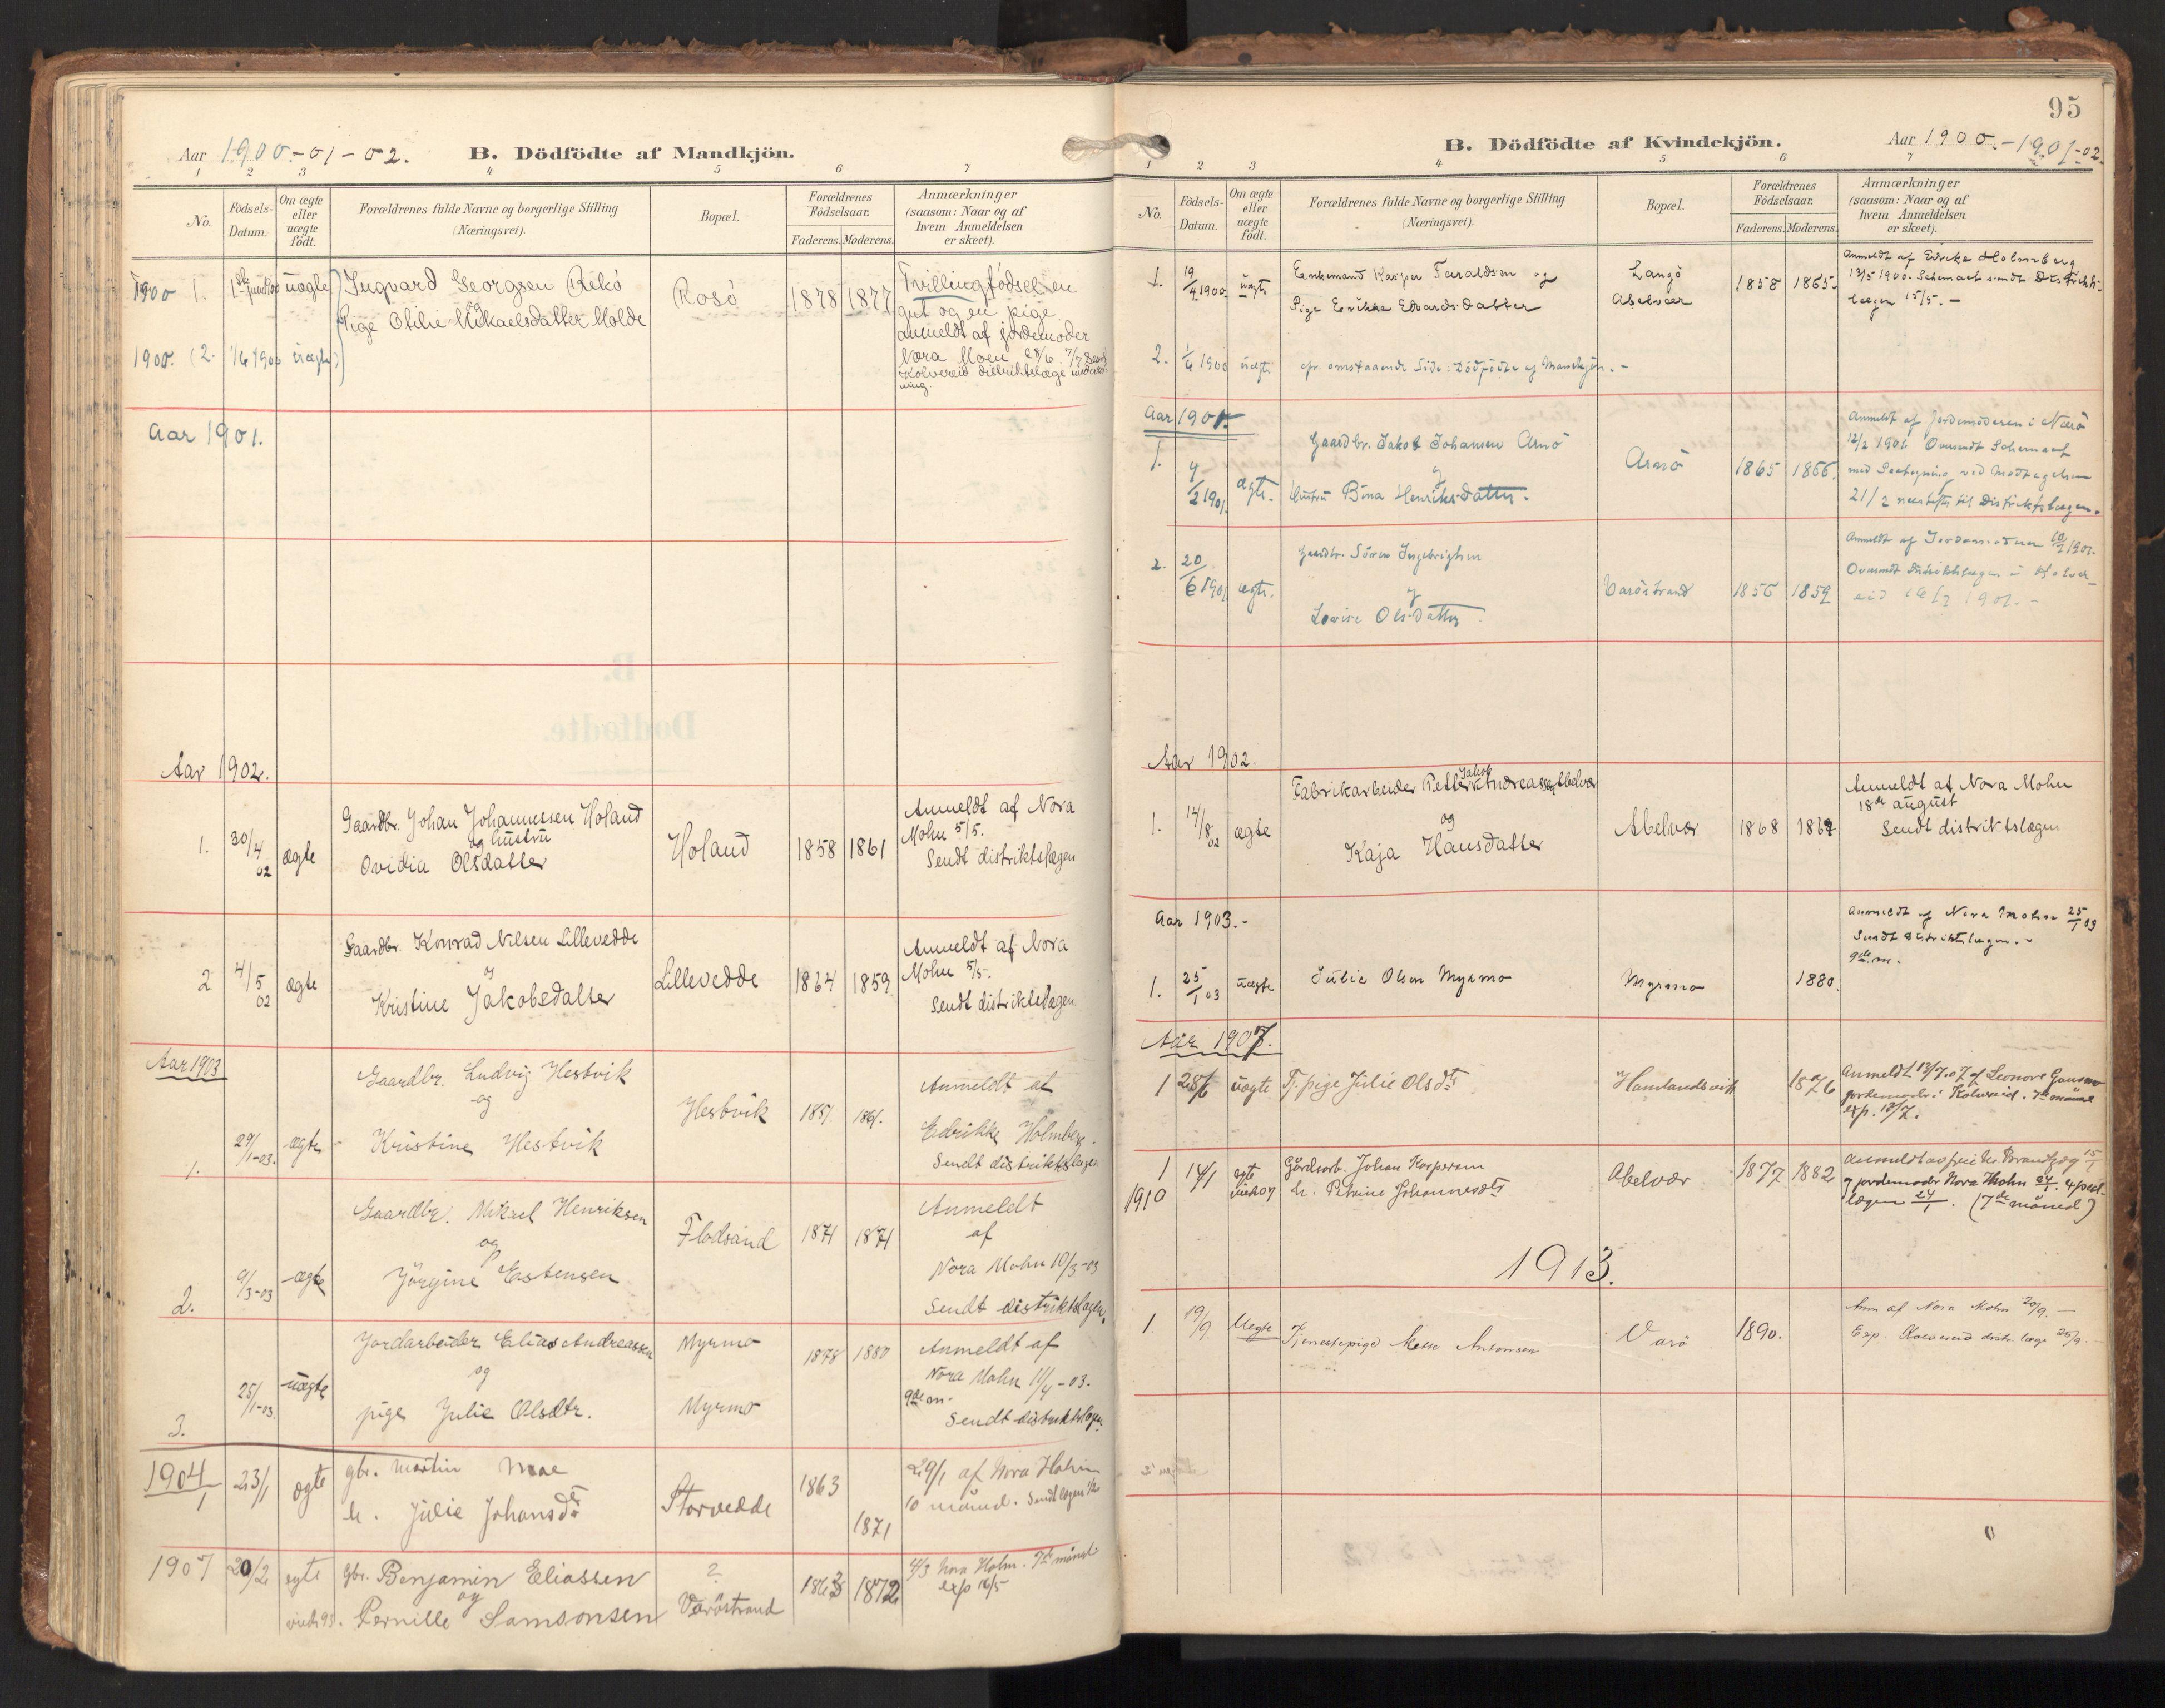 SAT, Ministerialprotokoller, klokkerbøker og fødselsregistre - Nord-Trøndelag, 784/L0677: Ministerialbok nr. 784A12, 1900-1920, s. 95